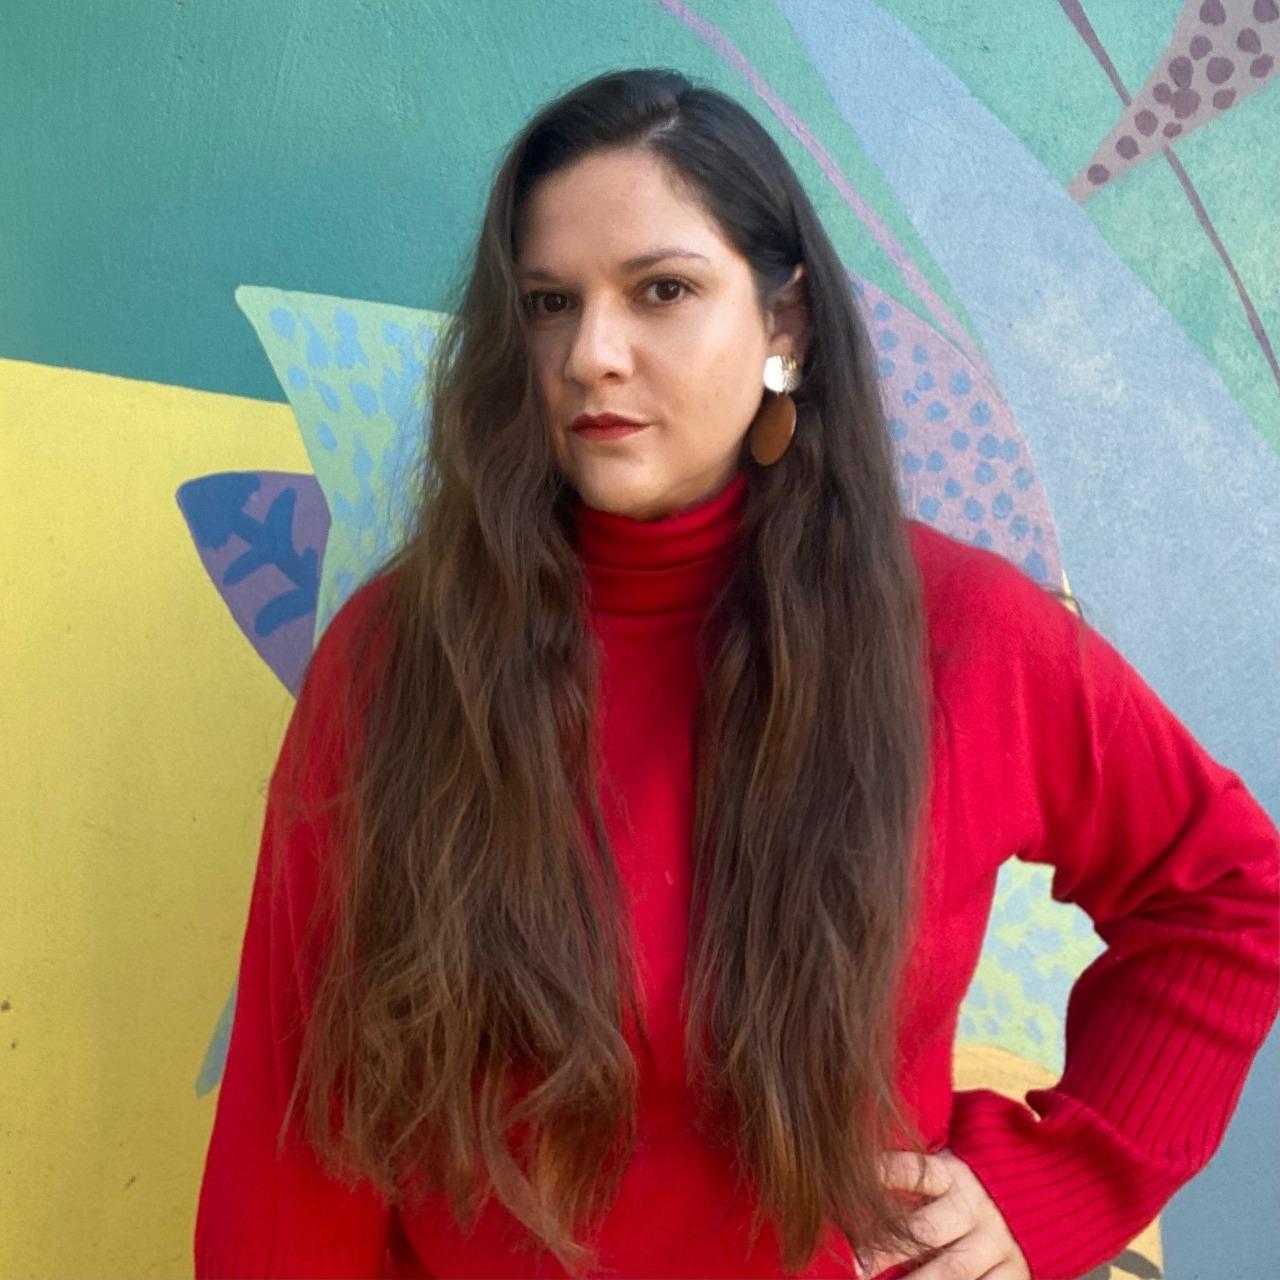 Claudia_Ahumada_pdta_Comisi%C3%B3n_Mujeres_CChC_CPP_ok.jpeg